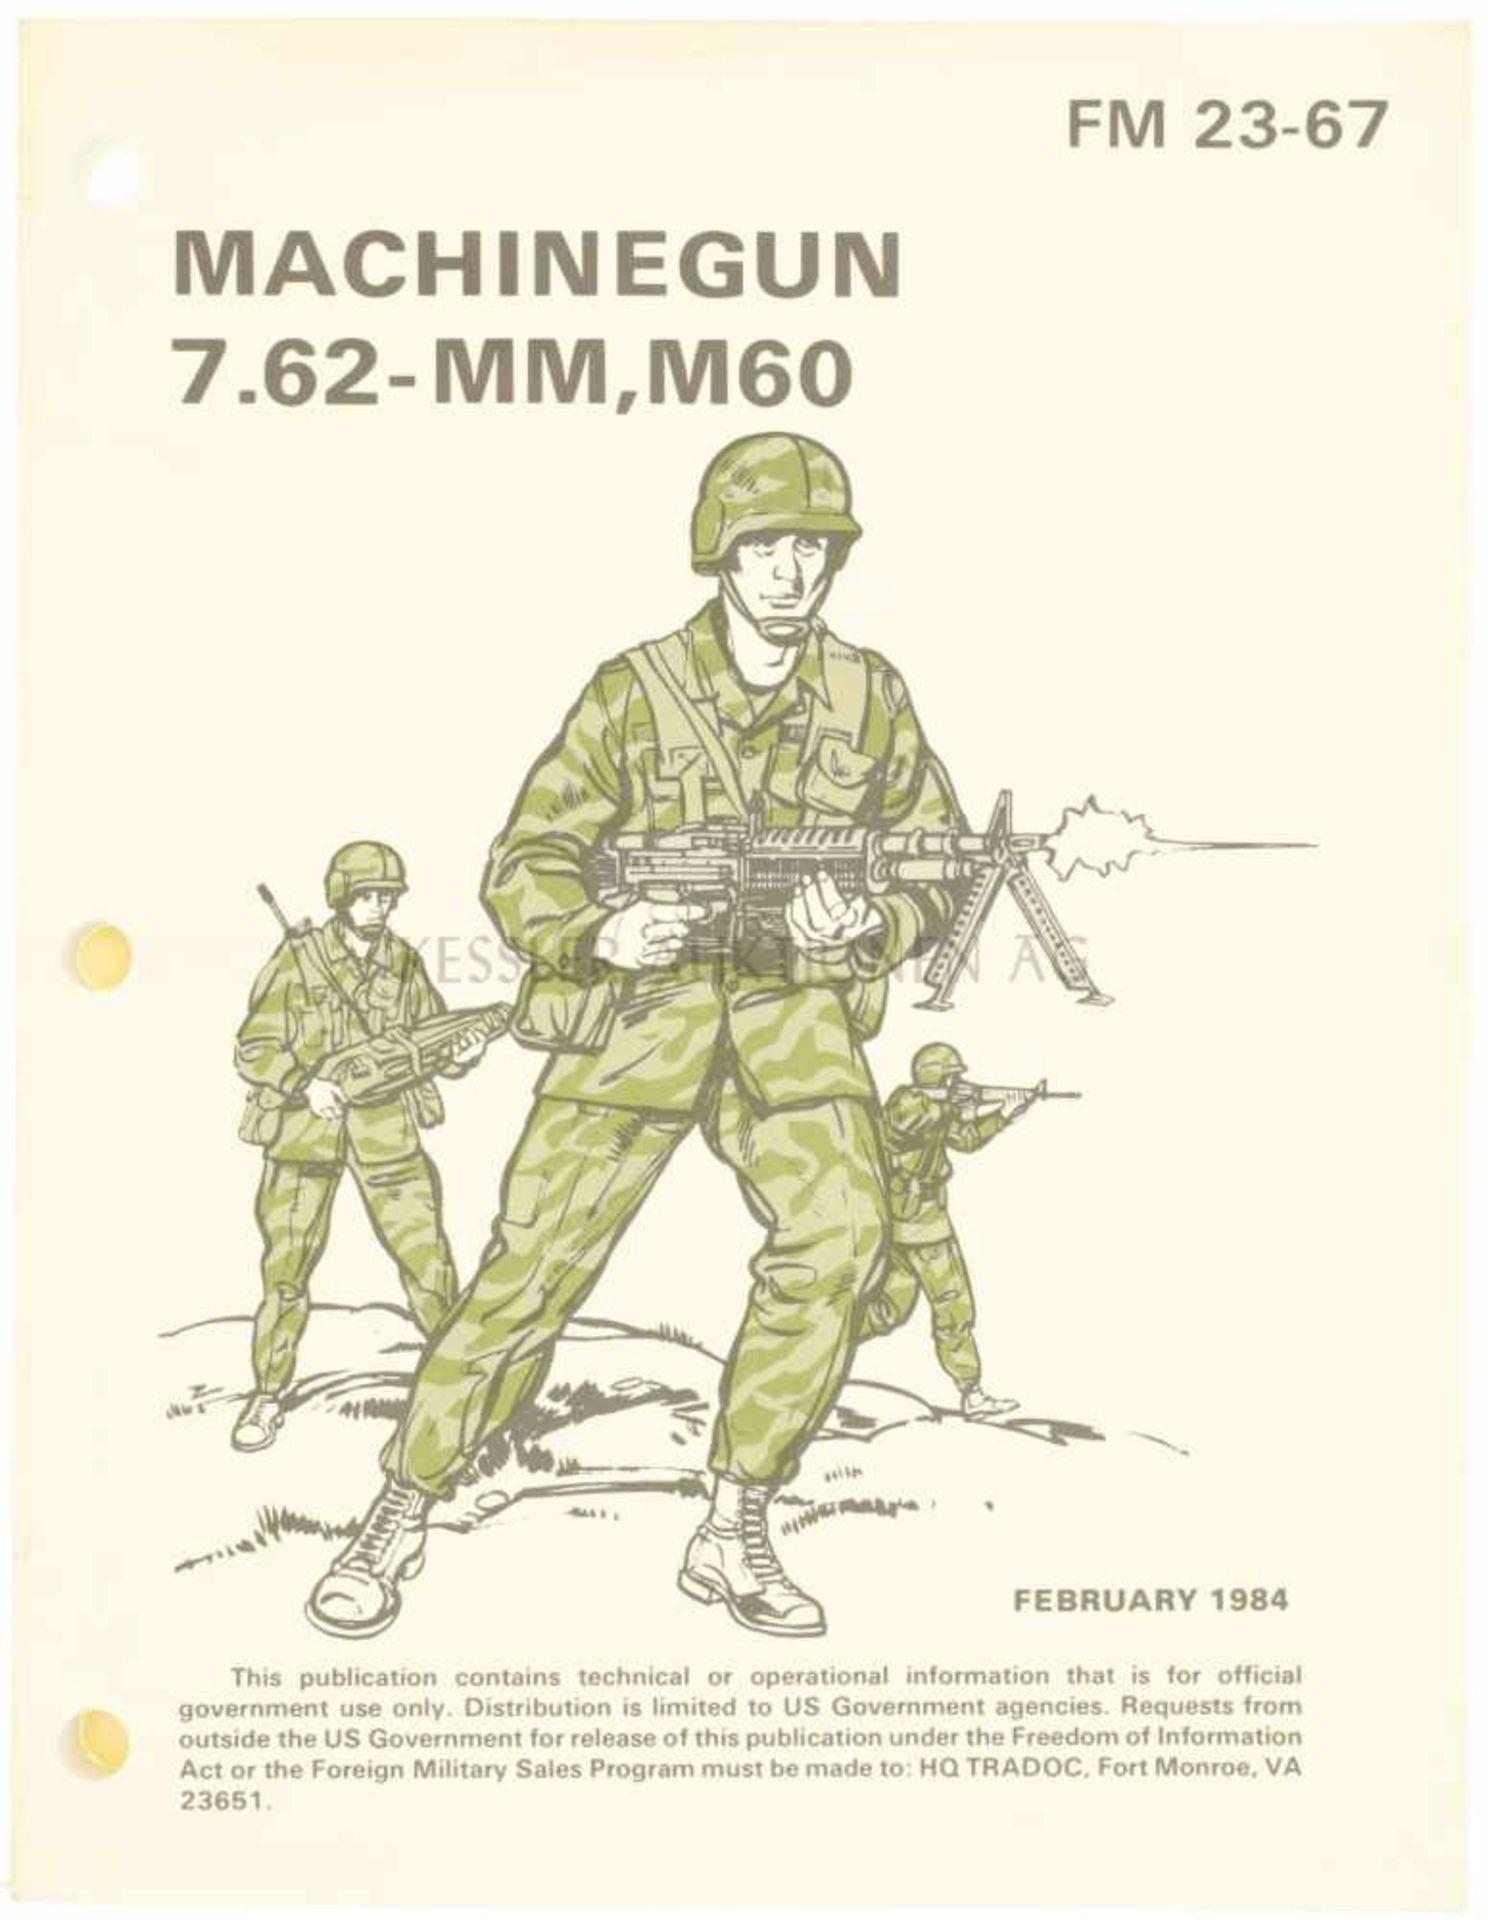 Machinegun 7.62-mm, M60 FM 23-67, Februar 1984, 117 Seiten mit farbigen Illustrationen, in